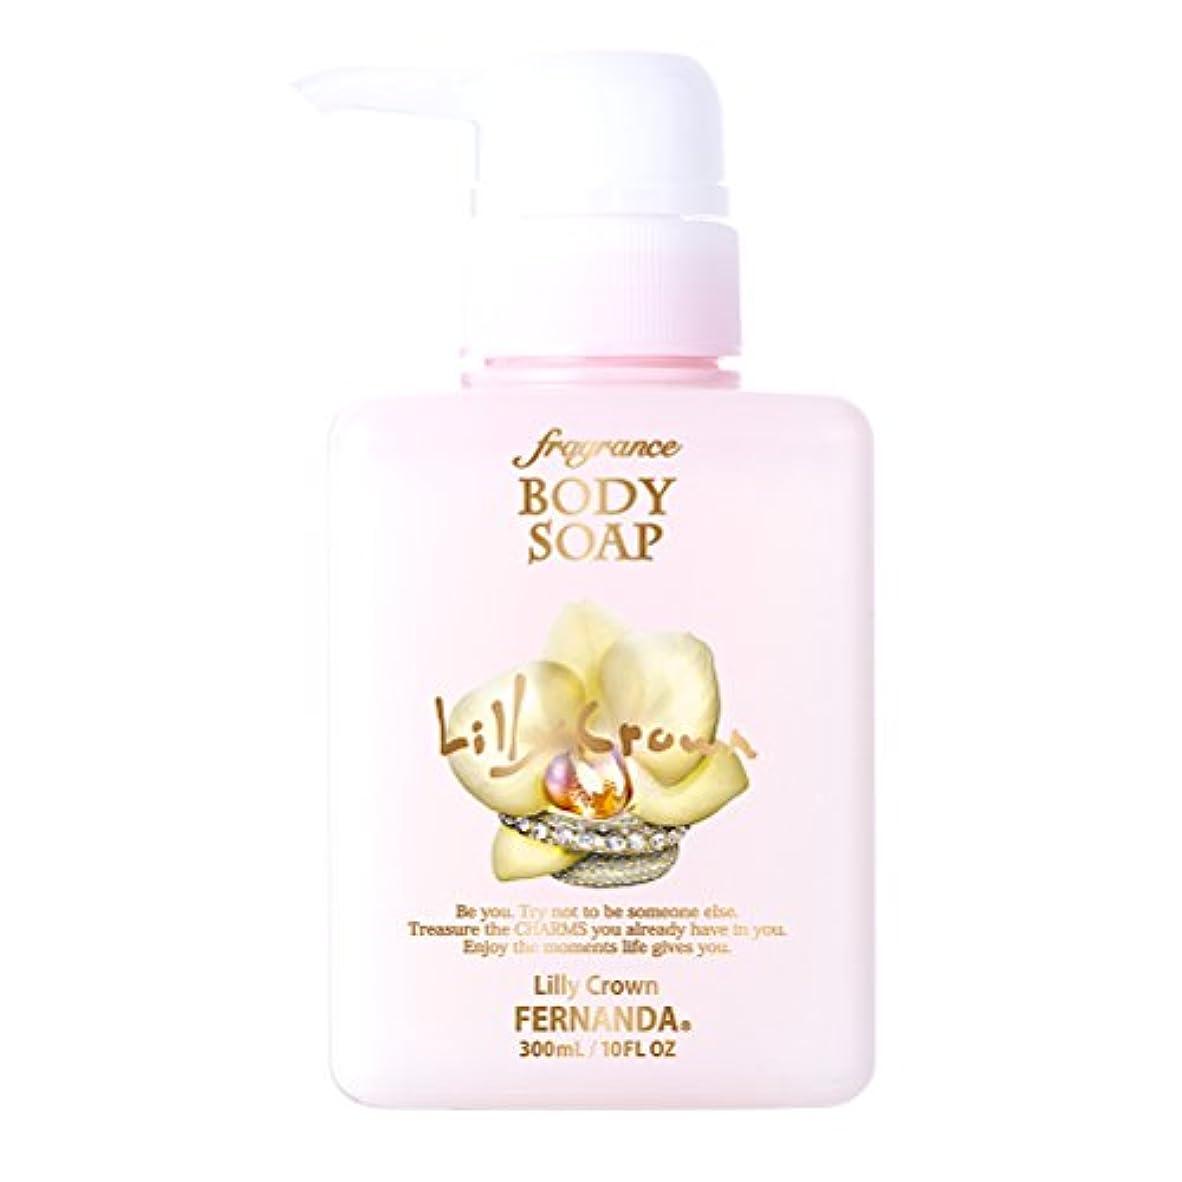 補償バレーボール進捗FERNANDA(フェルナンダ) Fragrance Body Soap Lilly Crown (ボディソープ リリークラウン)